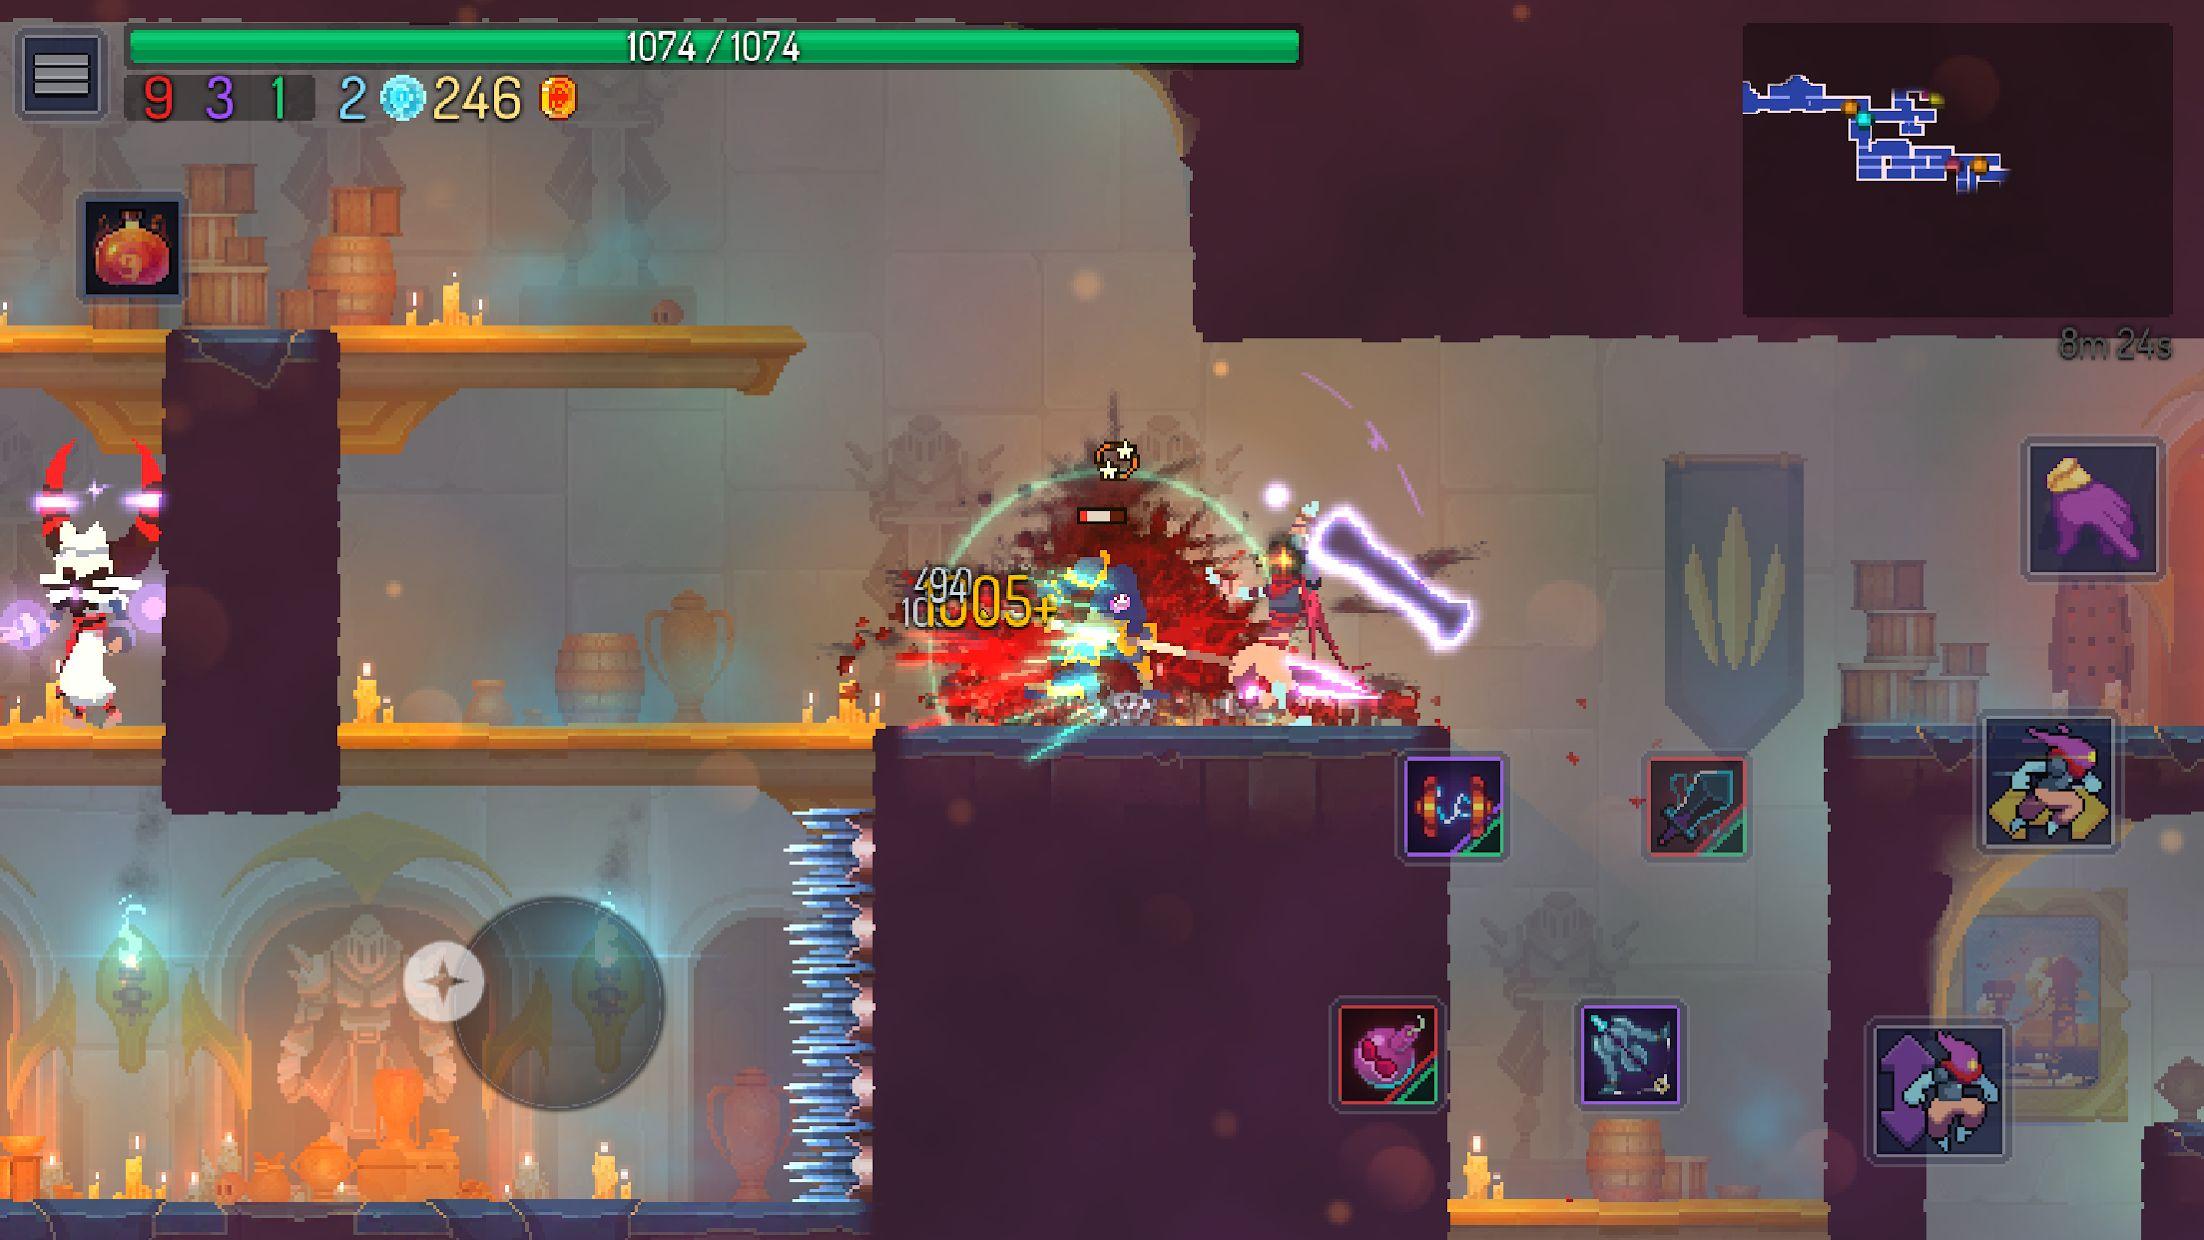 死亡细胞(国际版) 游戏截图5